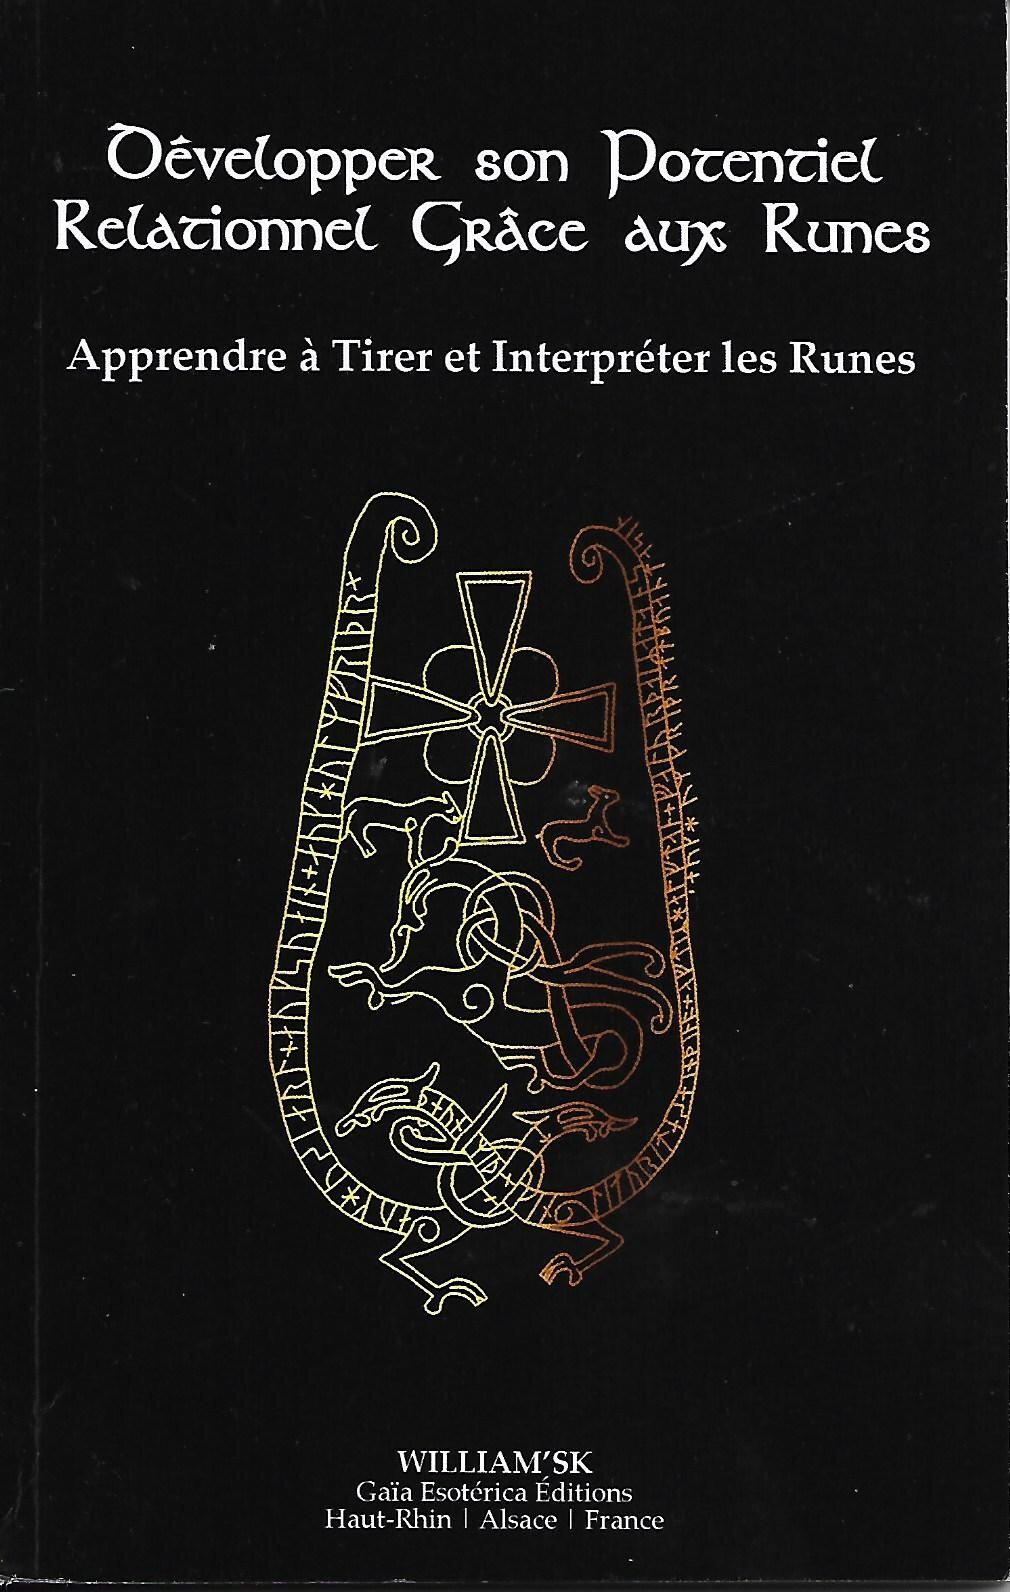 DÉVELOPPER SON POTENTIEL RELATIONNEL GRÂCE AUX RUNES - Apprendre à tirer et interpréter les Runes - par William'SK